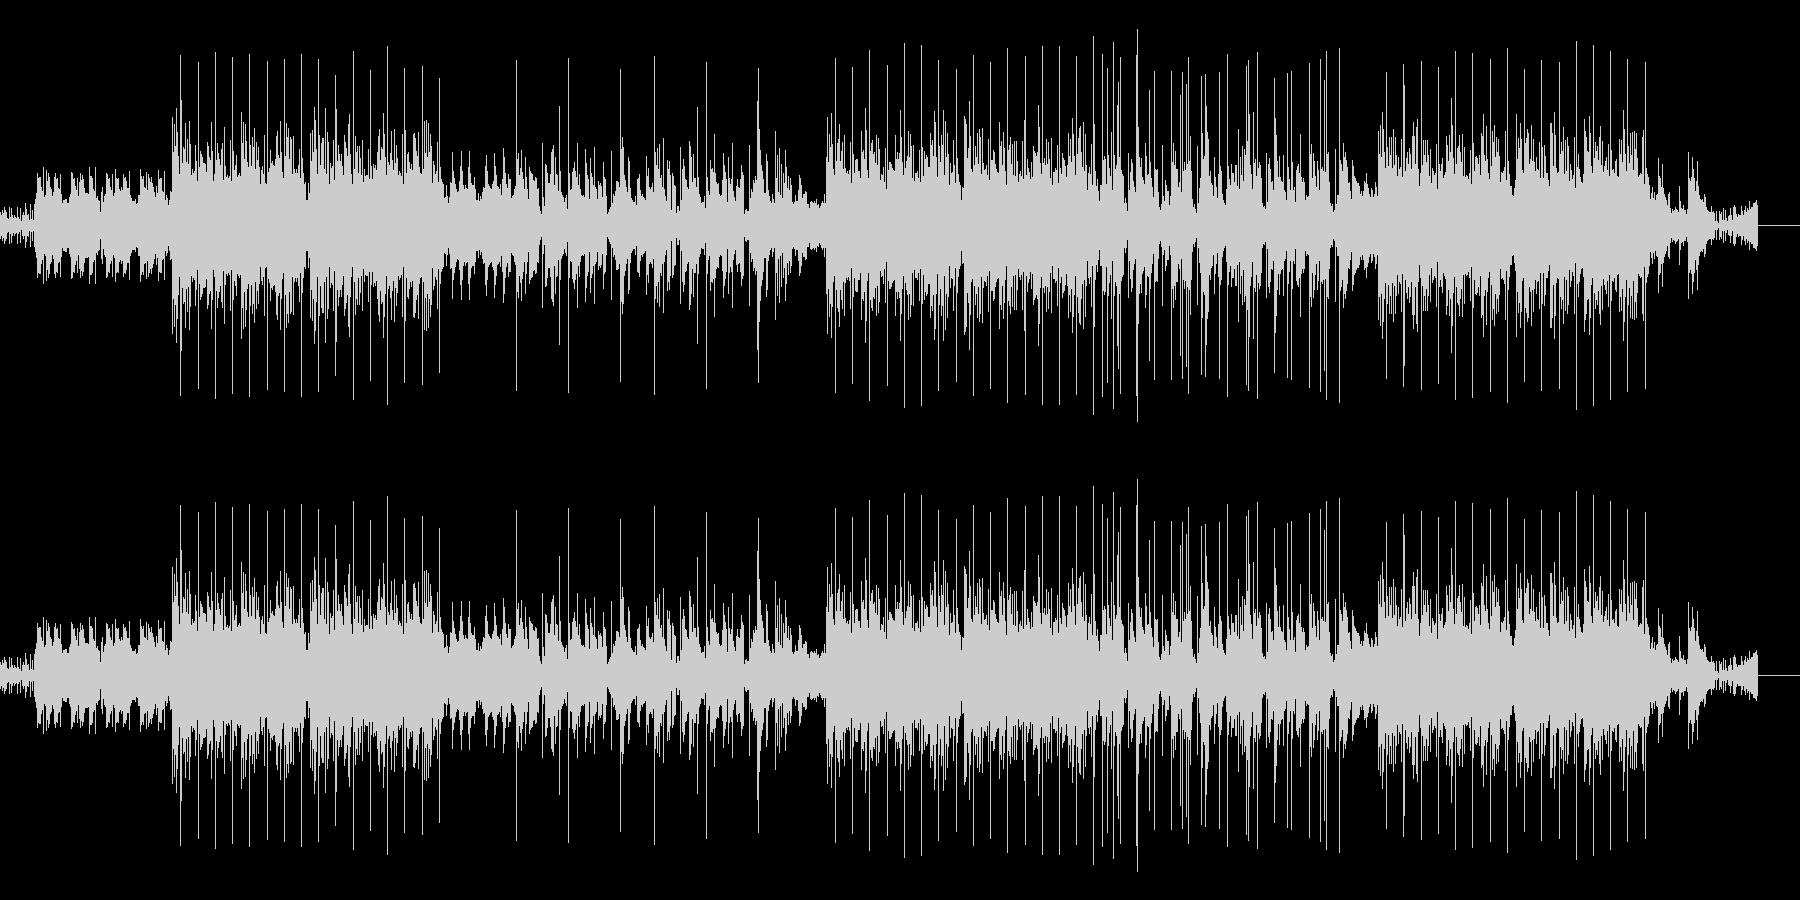 昔のレコードみたいな音質 ヒップホップ風の未再生の波形